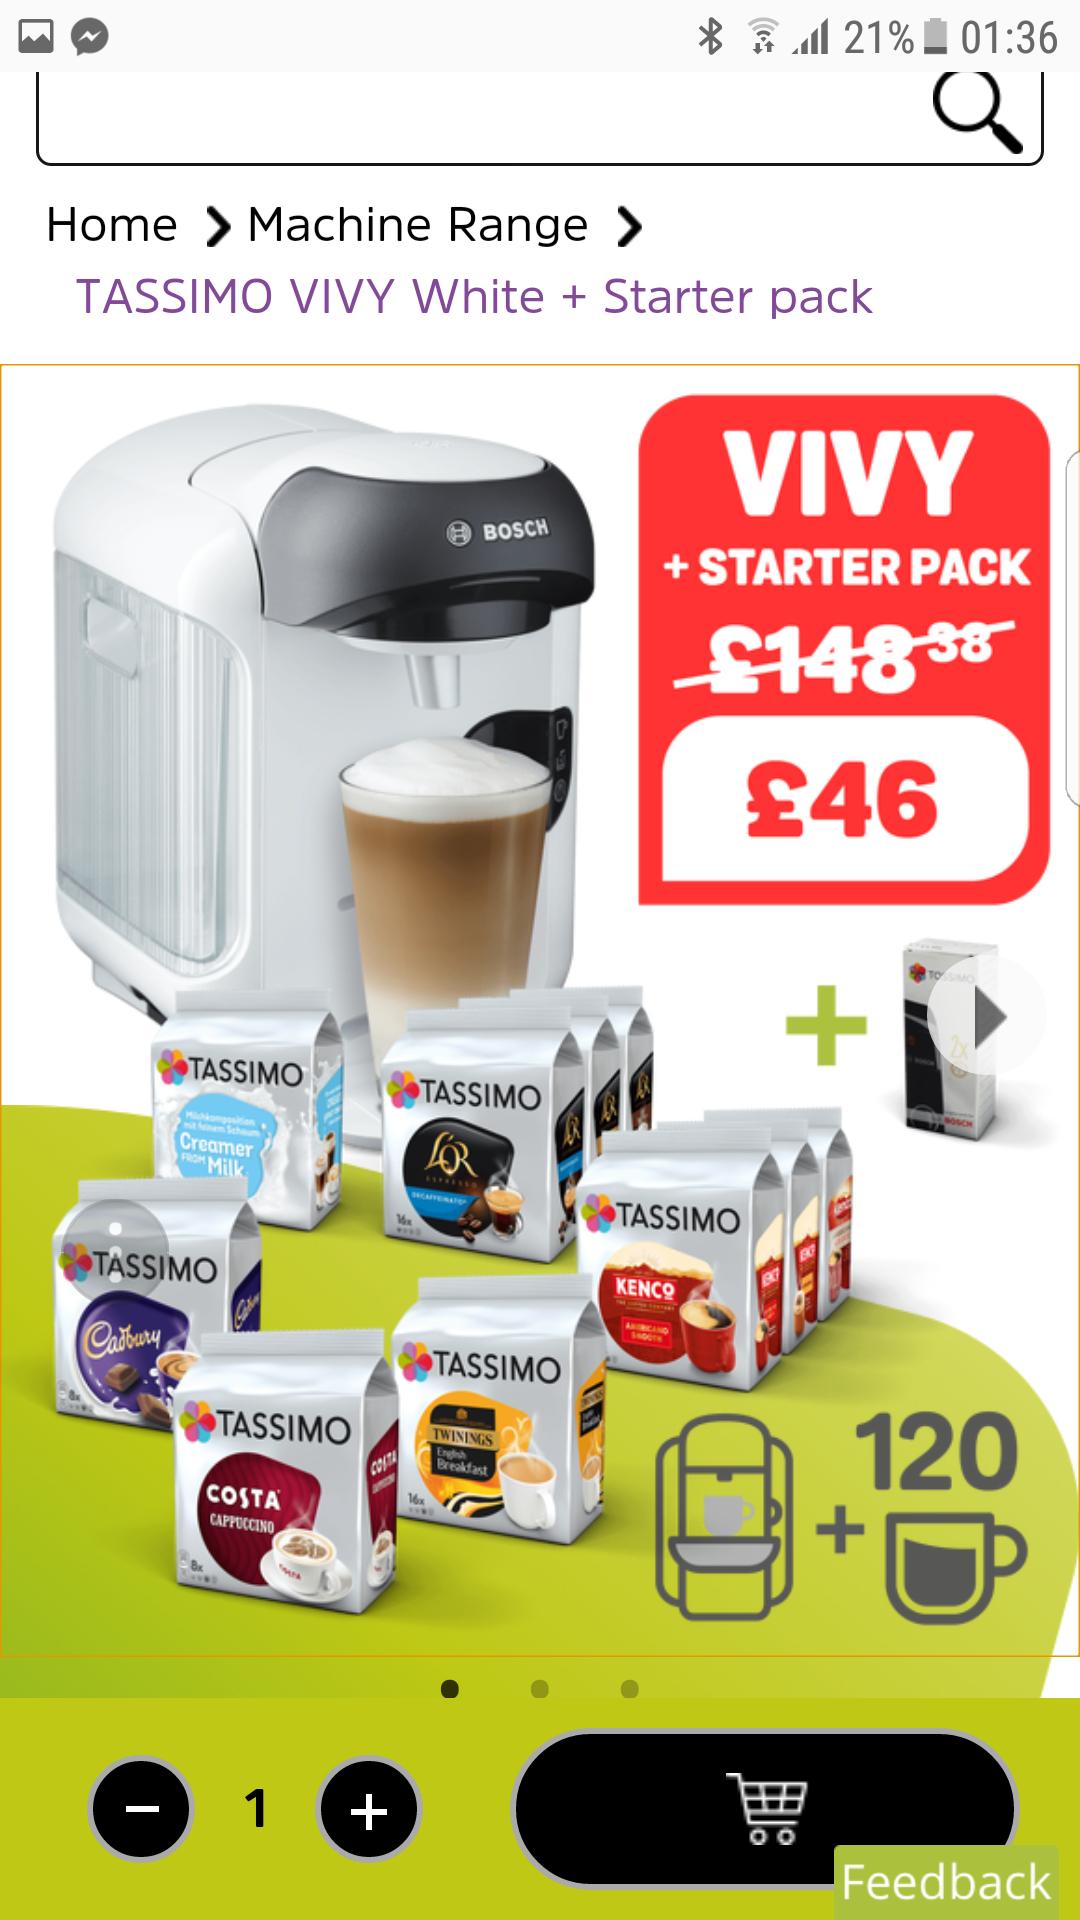 TASSIMO VIVY White + Starter pack (120 pods) £46 Del @ Tassimo UK (also in Black)